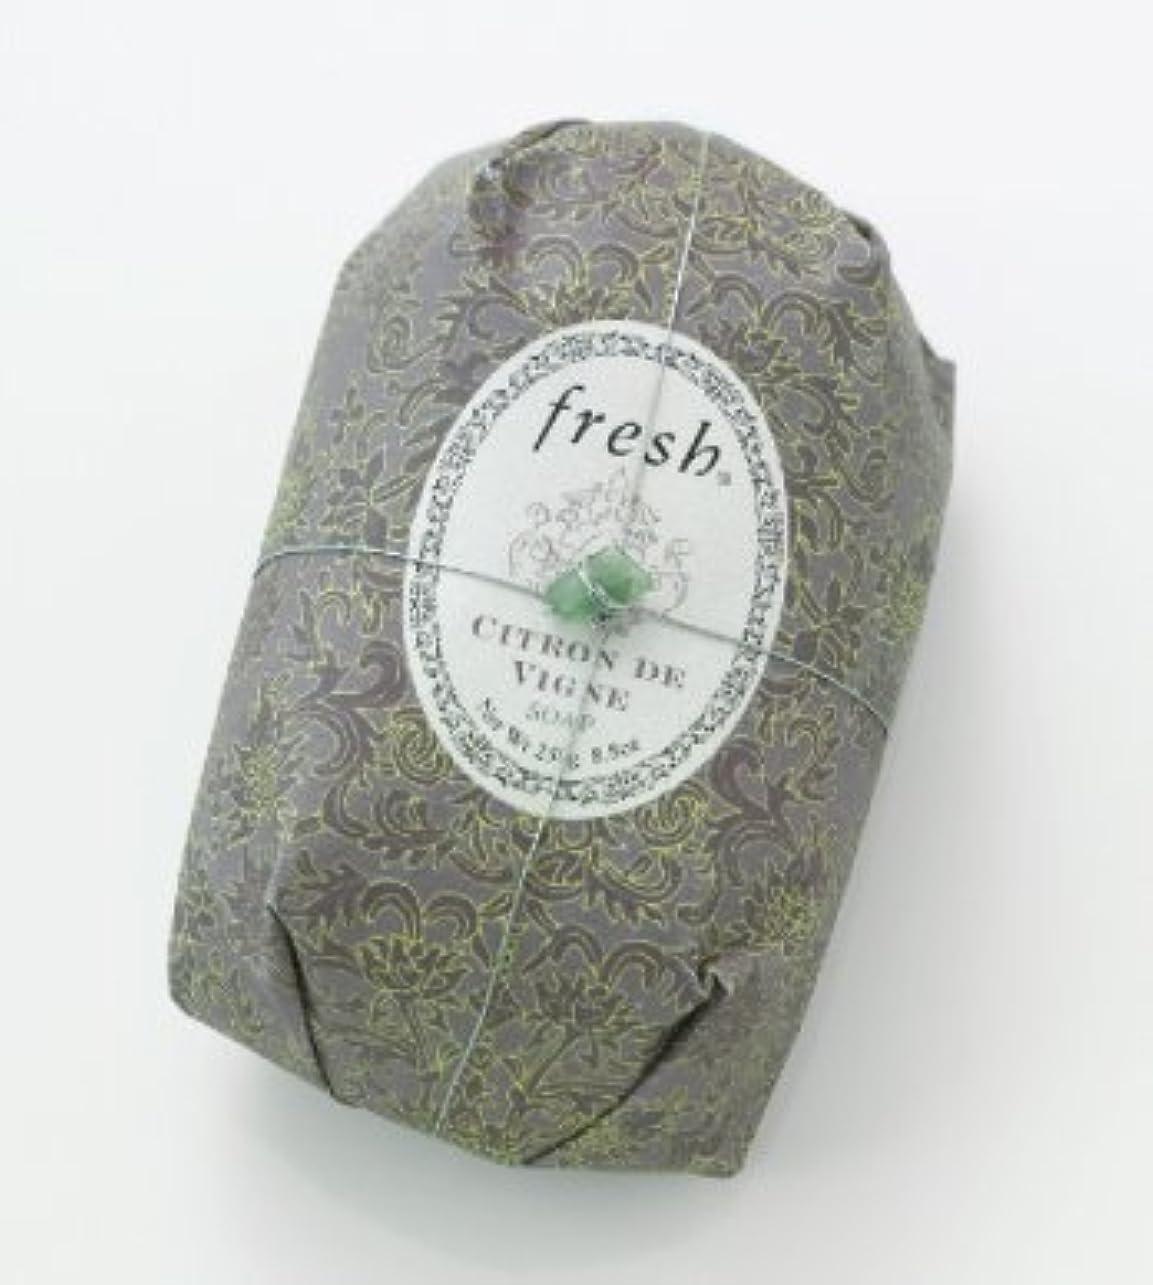 ごみ線形噛むFresh CITRON DE VIGNE SOAP (フレッシュ シトロンデヴァイン ソープ) 8.8 oz (250g) Soap (石鹸) by Fresh